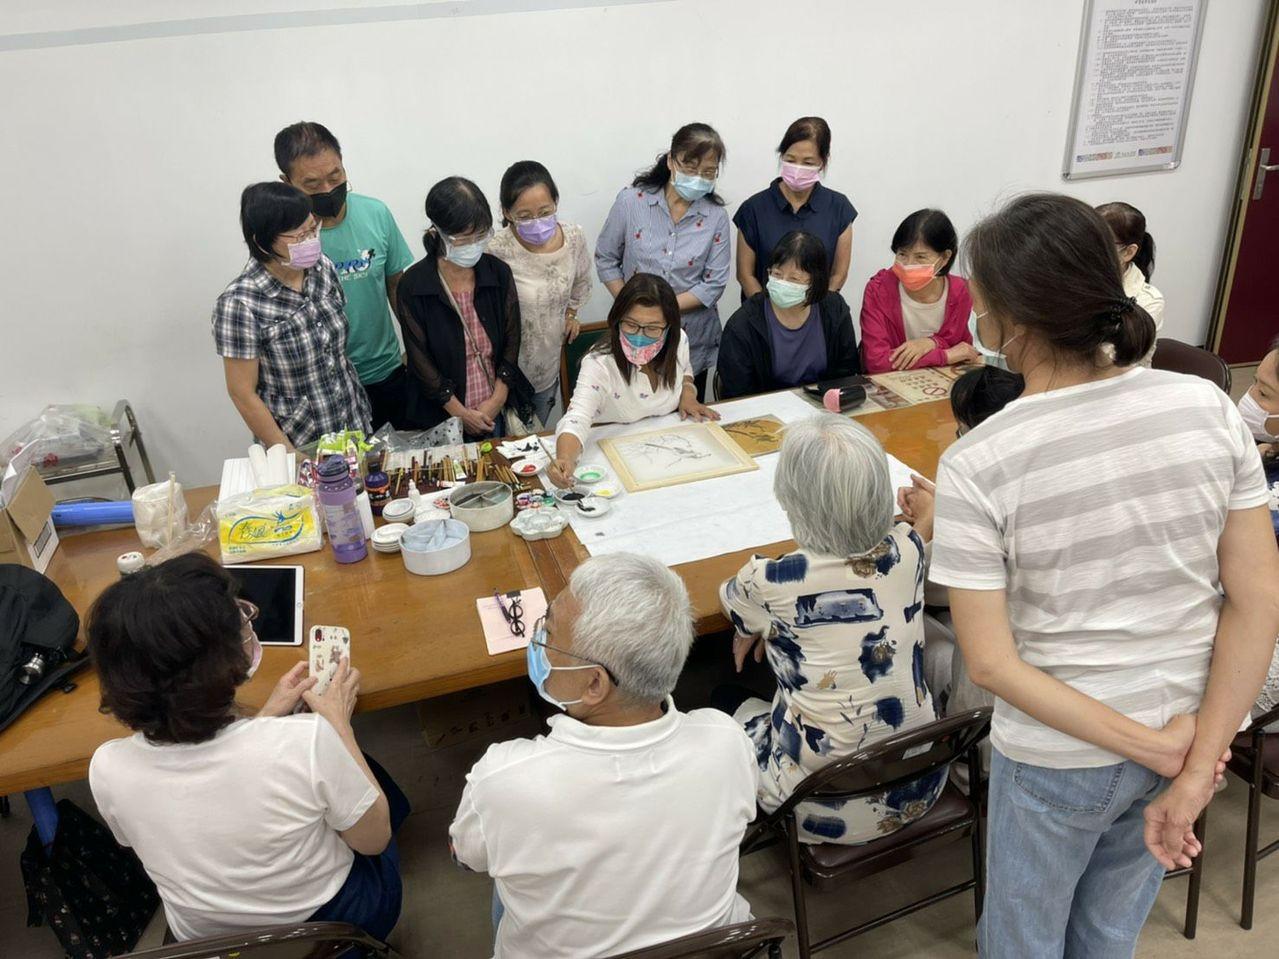 於課堂中示範工筆畫,學員們都很專注學習(拿畫筆者為邱素美)。  圖/邱素美